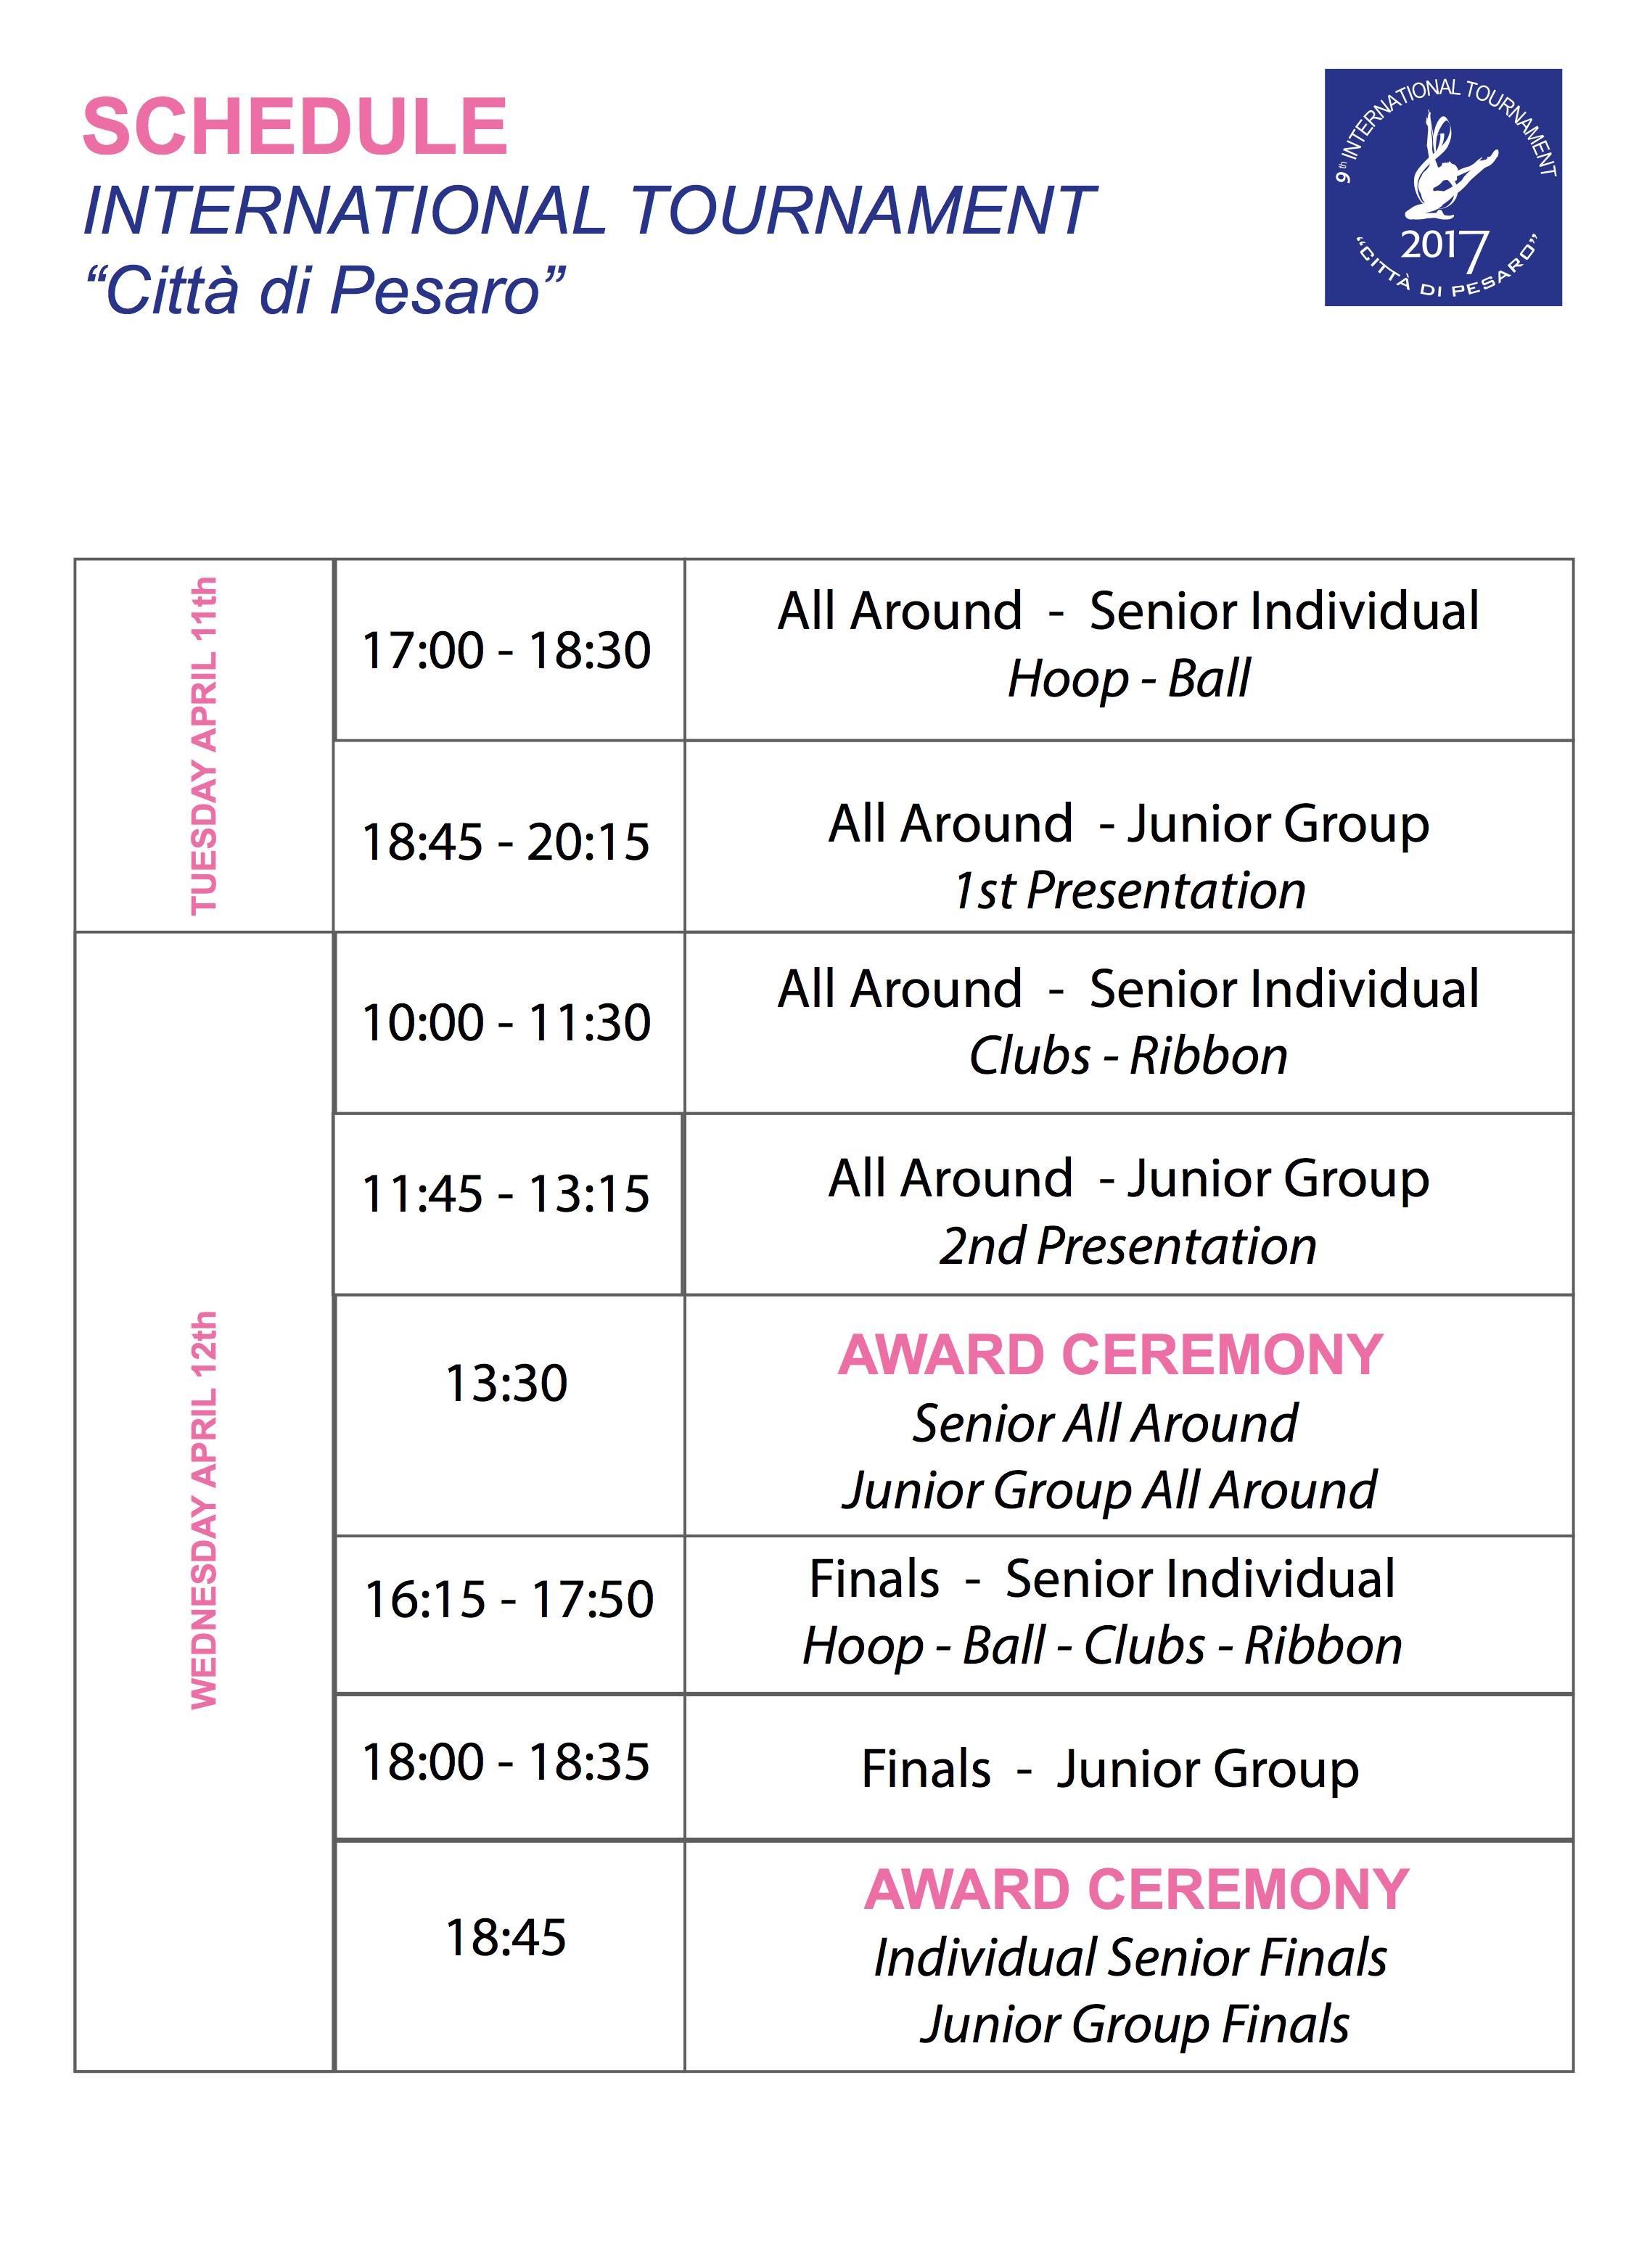 programma torneo internazionale